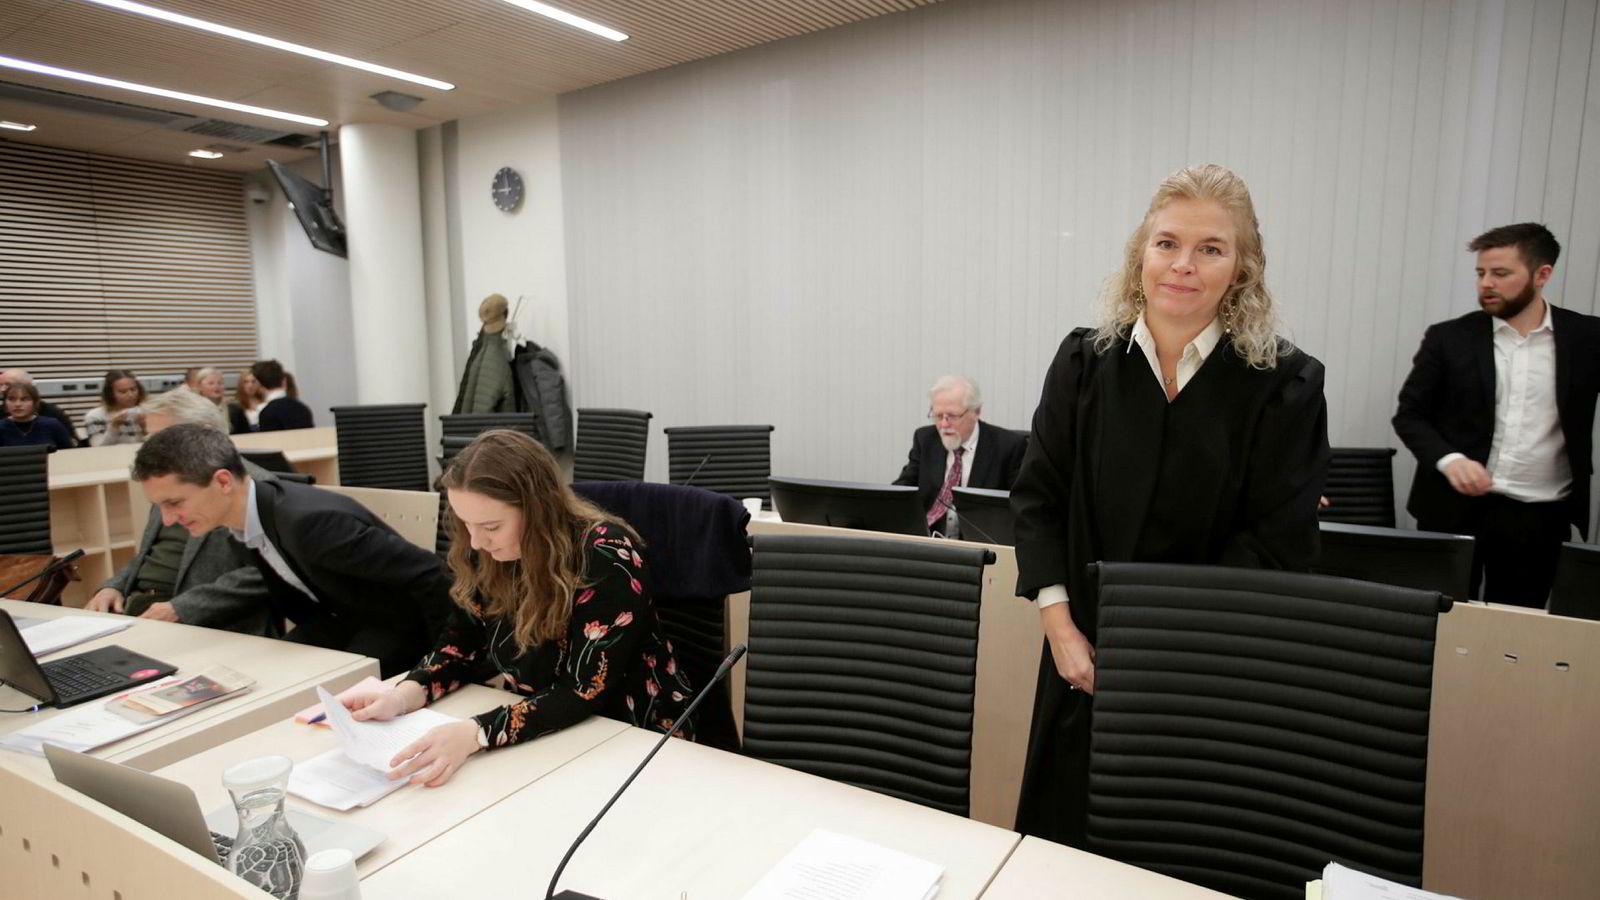 Advokat Cathrine Hambro holdt onsdag sin sluttreplikk den historiske klimarettssaken som Greenpeace Norge, Natur og Ungdom og delvis Besteforeldrenes klimaaksjon har anlagt mot staten på grunn av oljeboring i Barentshavet.